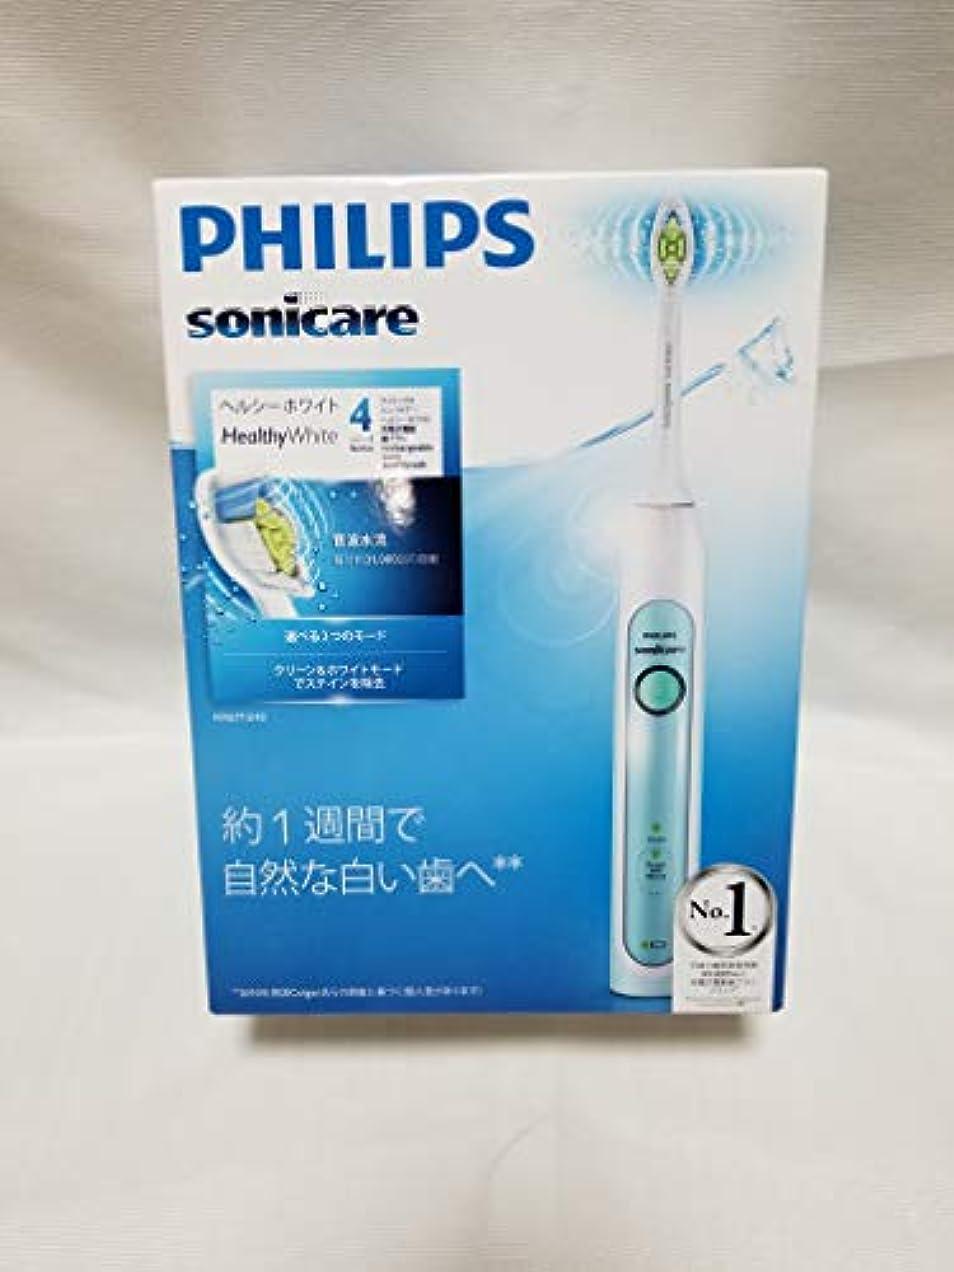 オーバーラン形成大理石フィリップス 電動歯ブラシ(ブルー)PHILIPS sonicare ソニッケアー ヘルシーホワイト HX6713/43